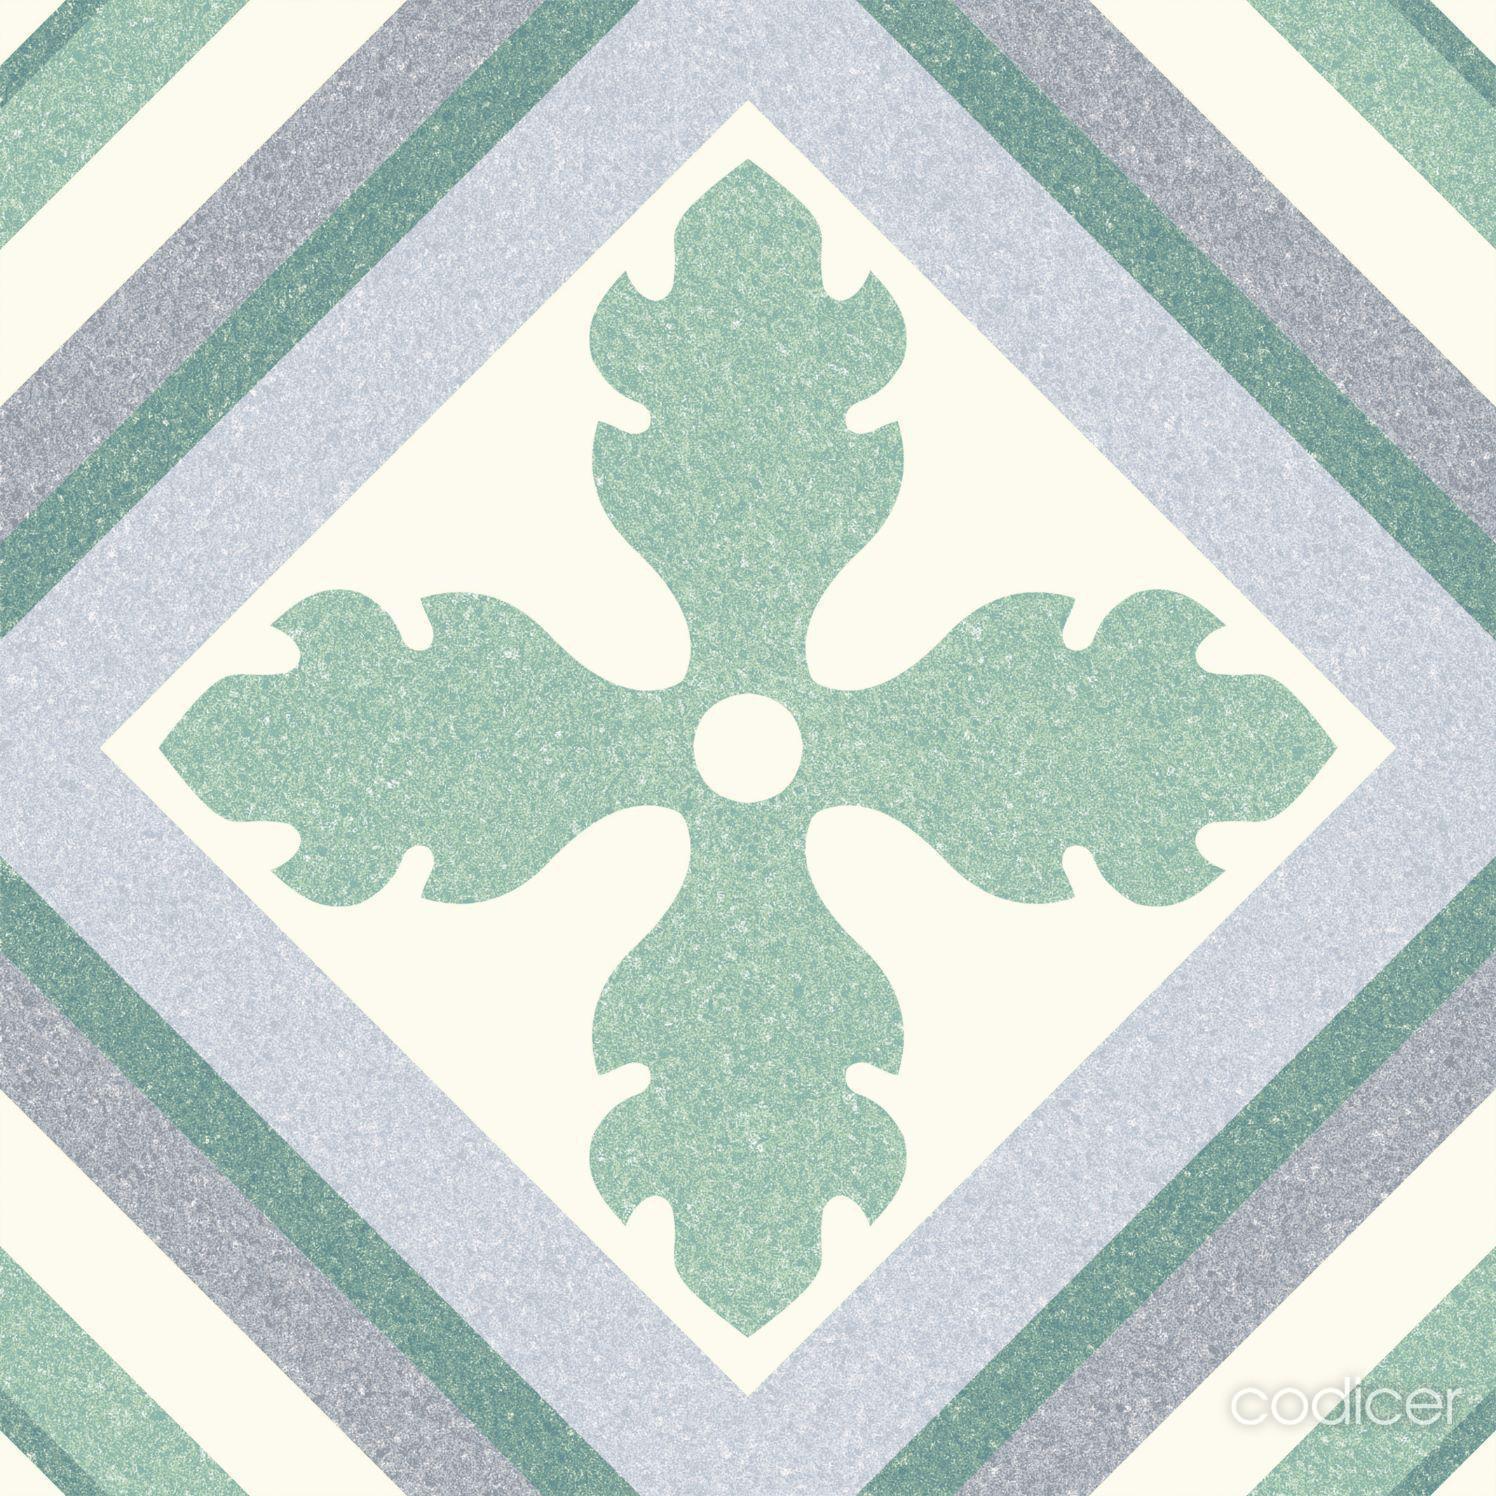 6.0004.21  Codicer Retrofliese / Feinsteinzeug Saint Tropez Green